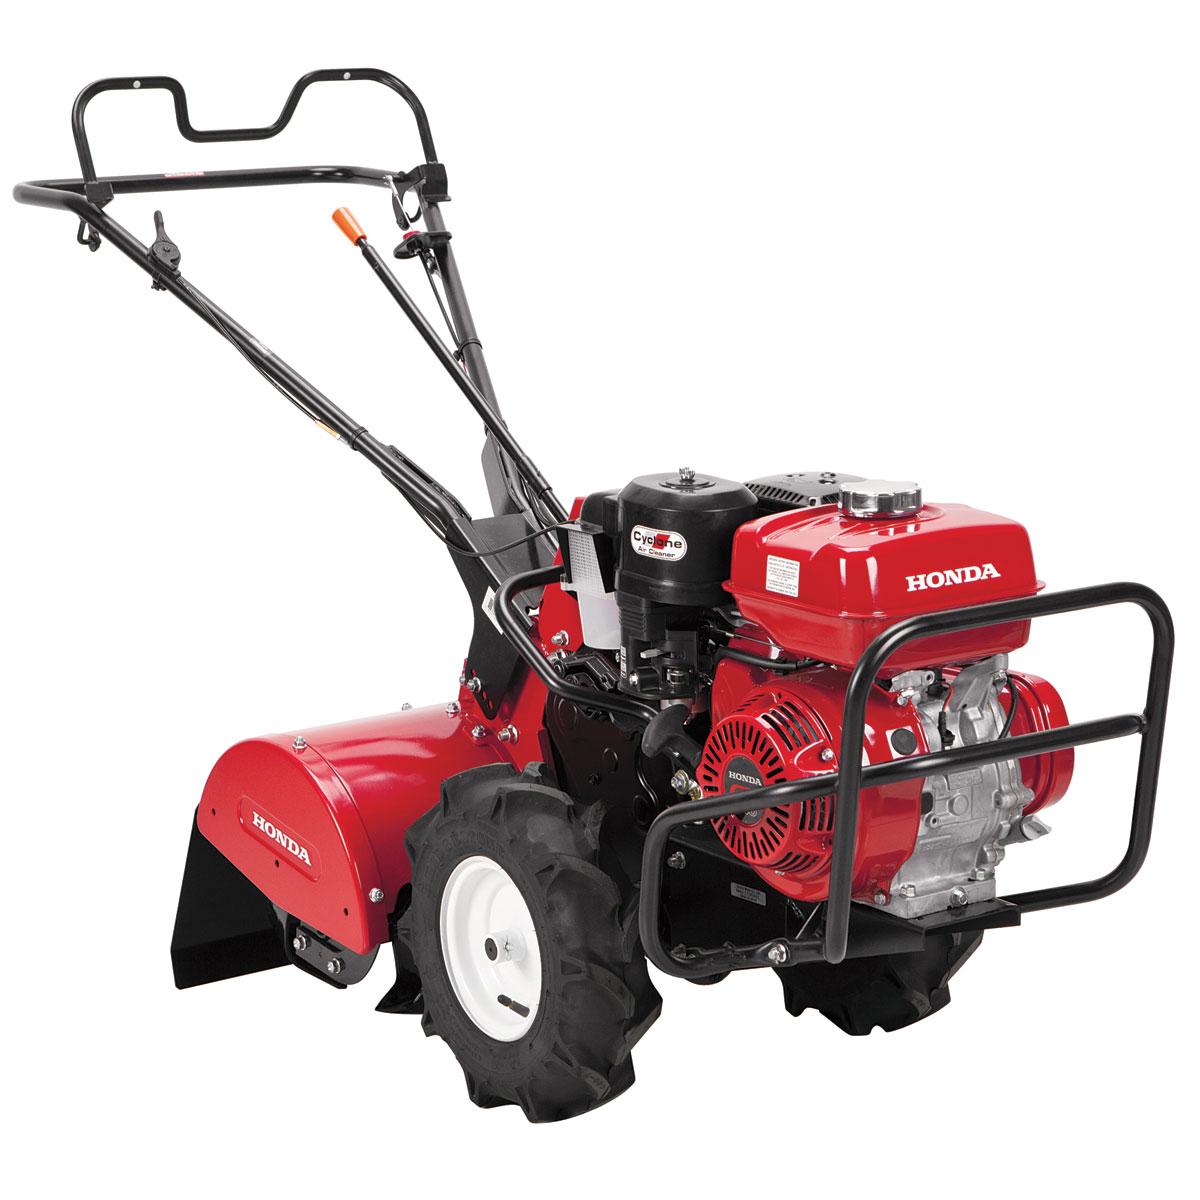 Garden Tiller Wheels : How to service a honda rear tine tiller lawn parts